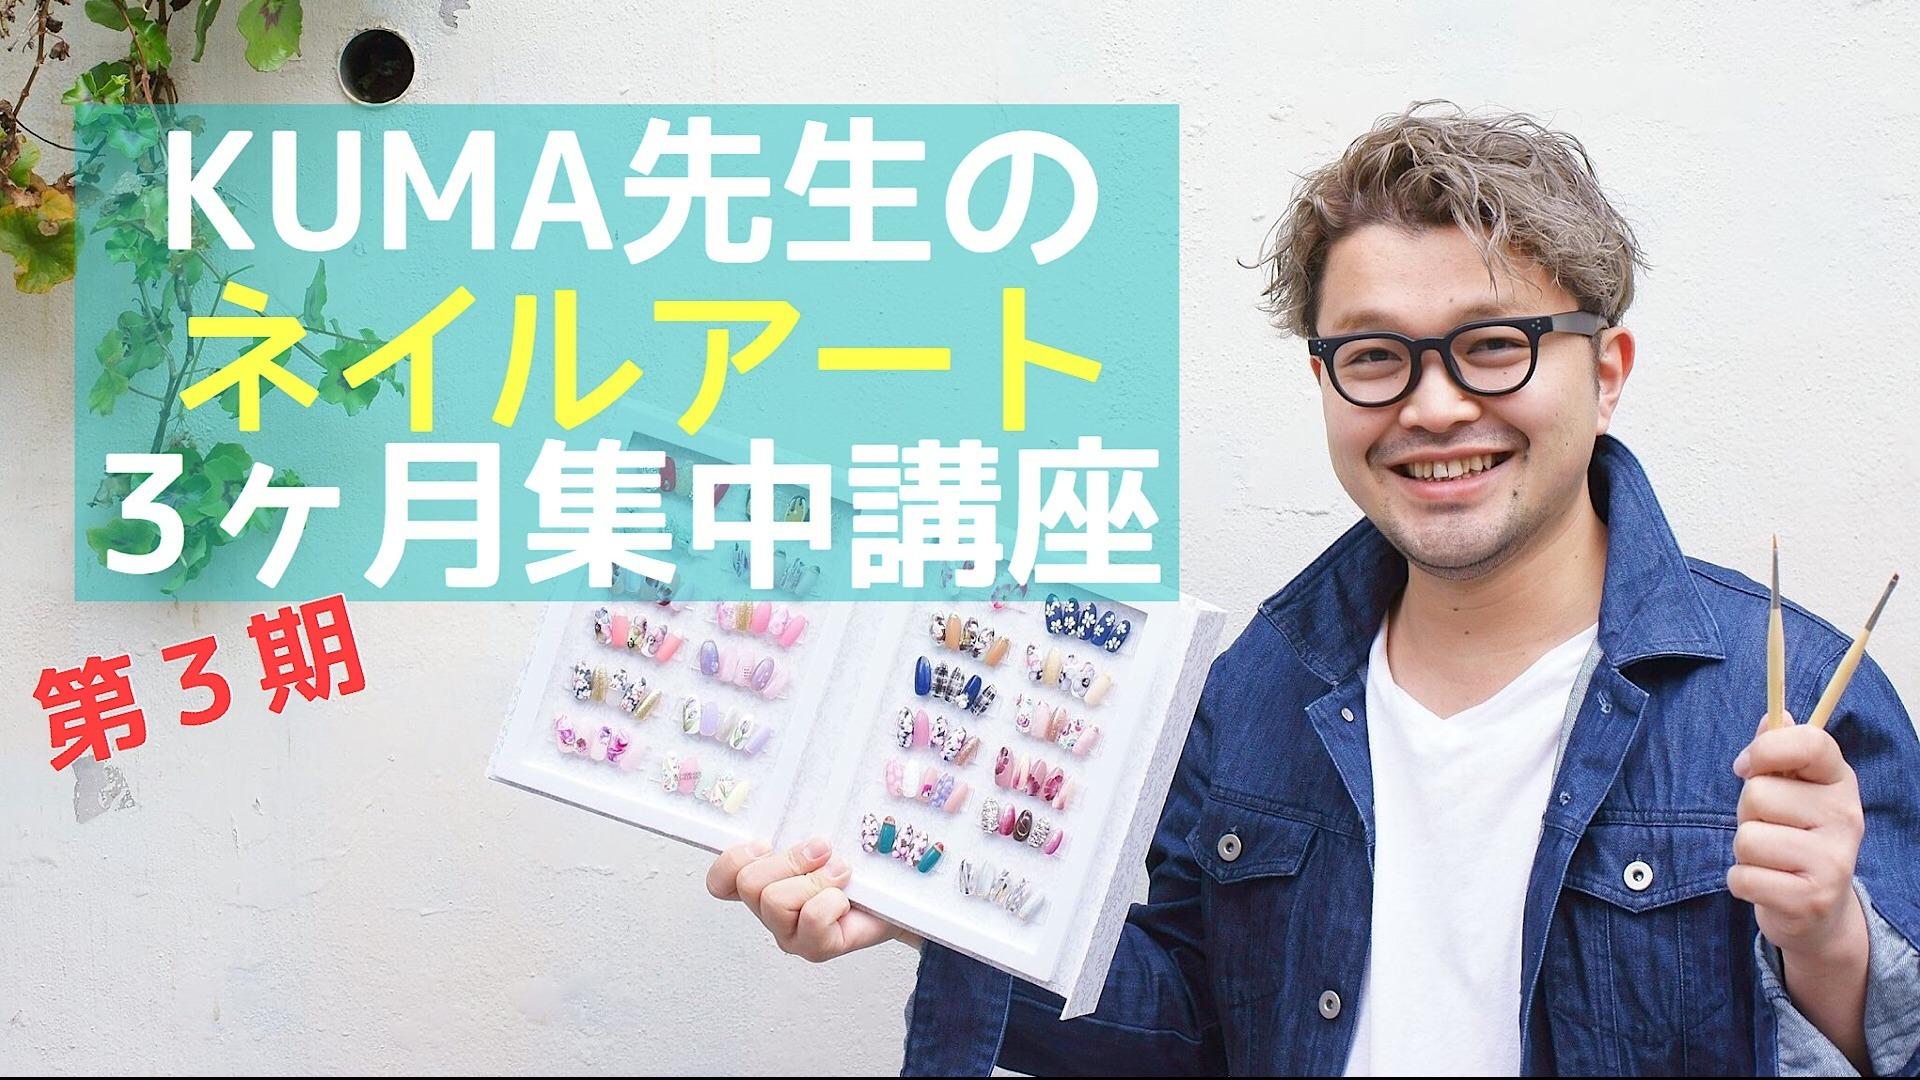 【第3期】 KUMA先生のネイルアート3ヶ月集中講座